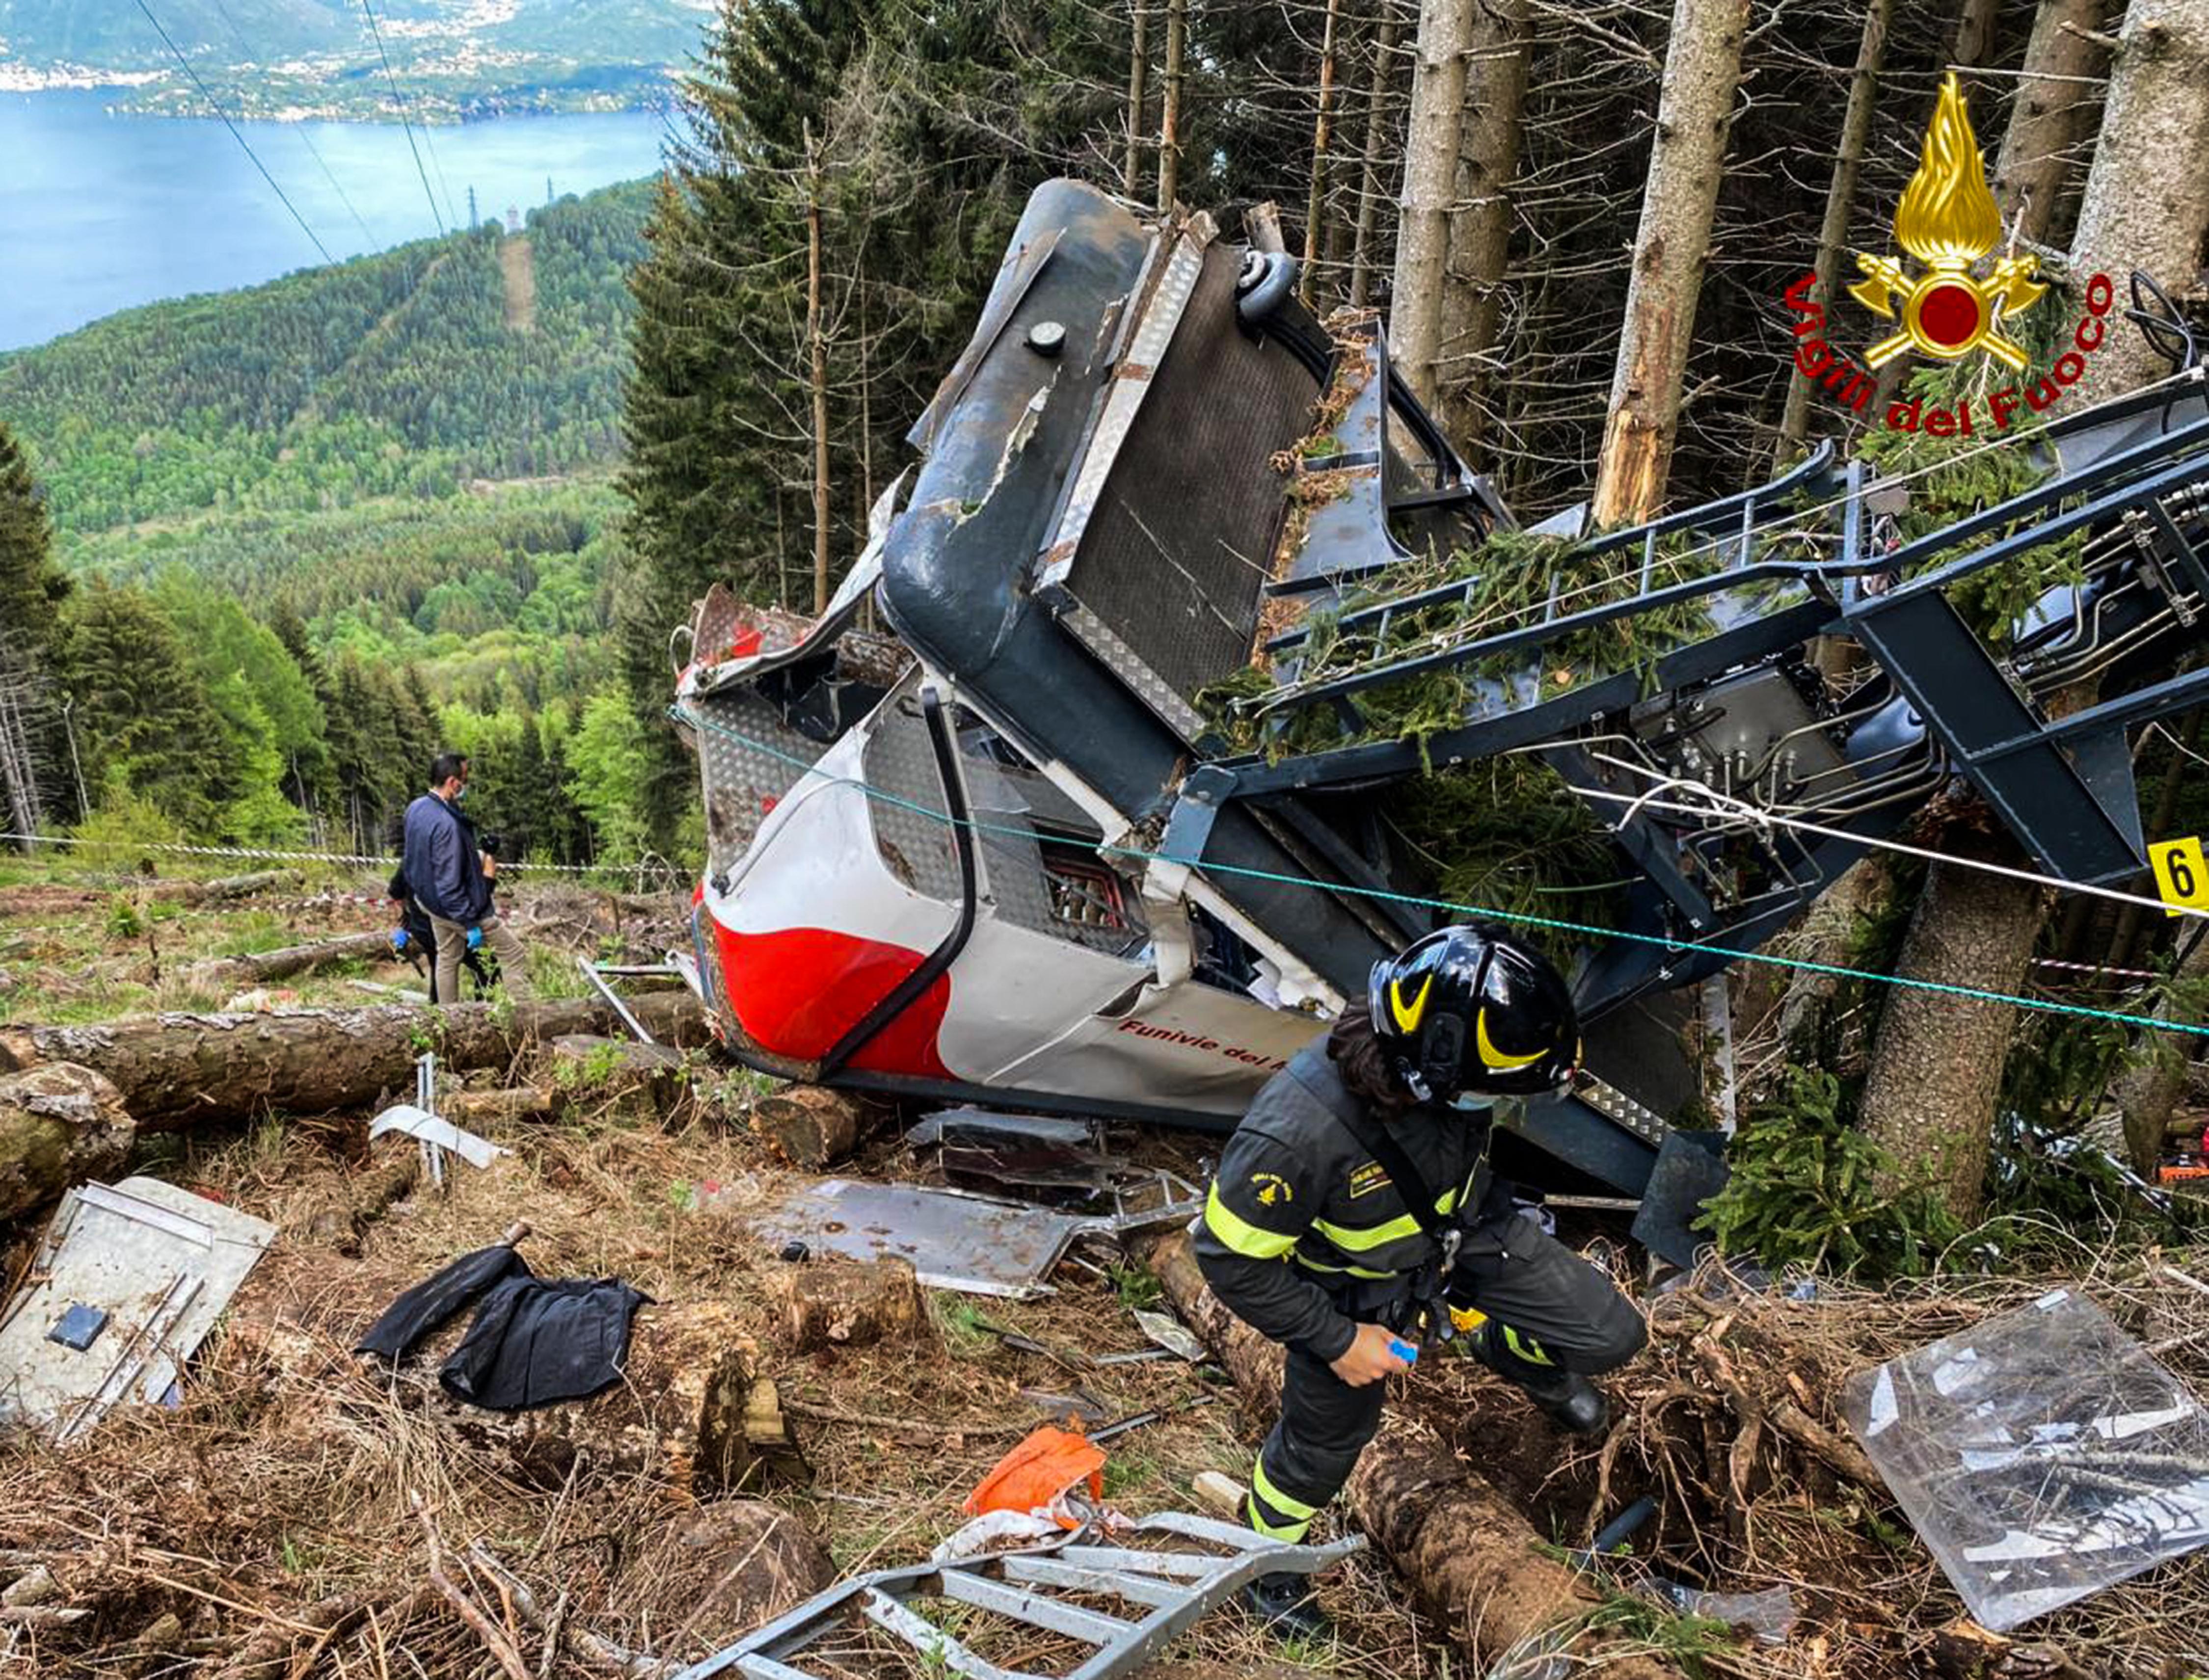 (O teleférico acidentado ficou fechado entre 2014 e 2016 para trabalhos de reforma e manutenção. Foto: Handout / Vigili del Fuoco / AFP)